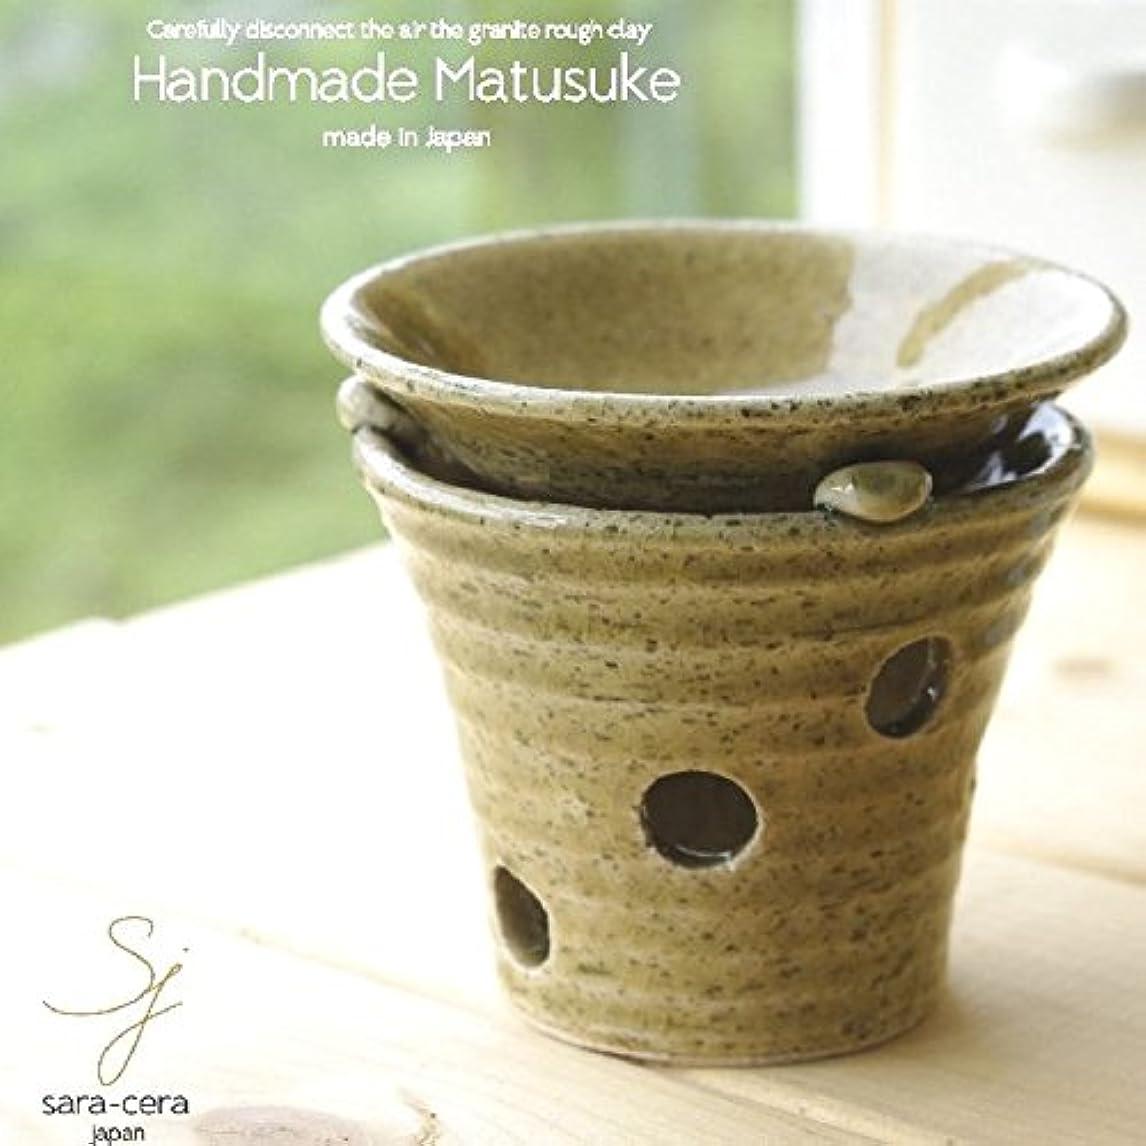 刺激する温帯姿勢松助窯 手作り茶香炉セット 灰釉ビードロ アロマ 和風 陶器 手づくり 日本製 美濃焼